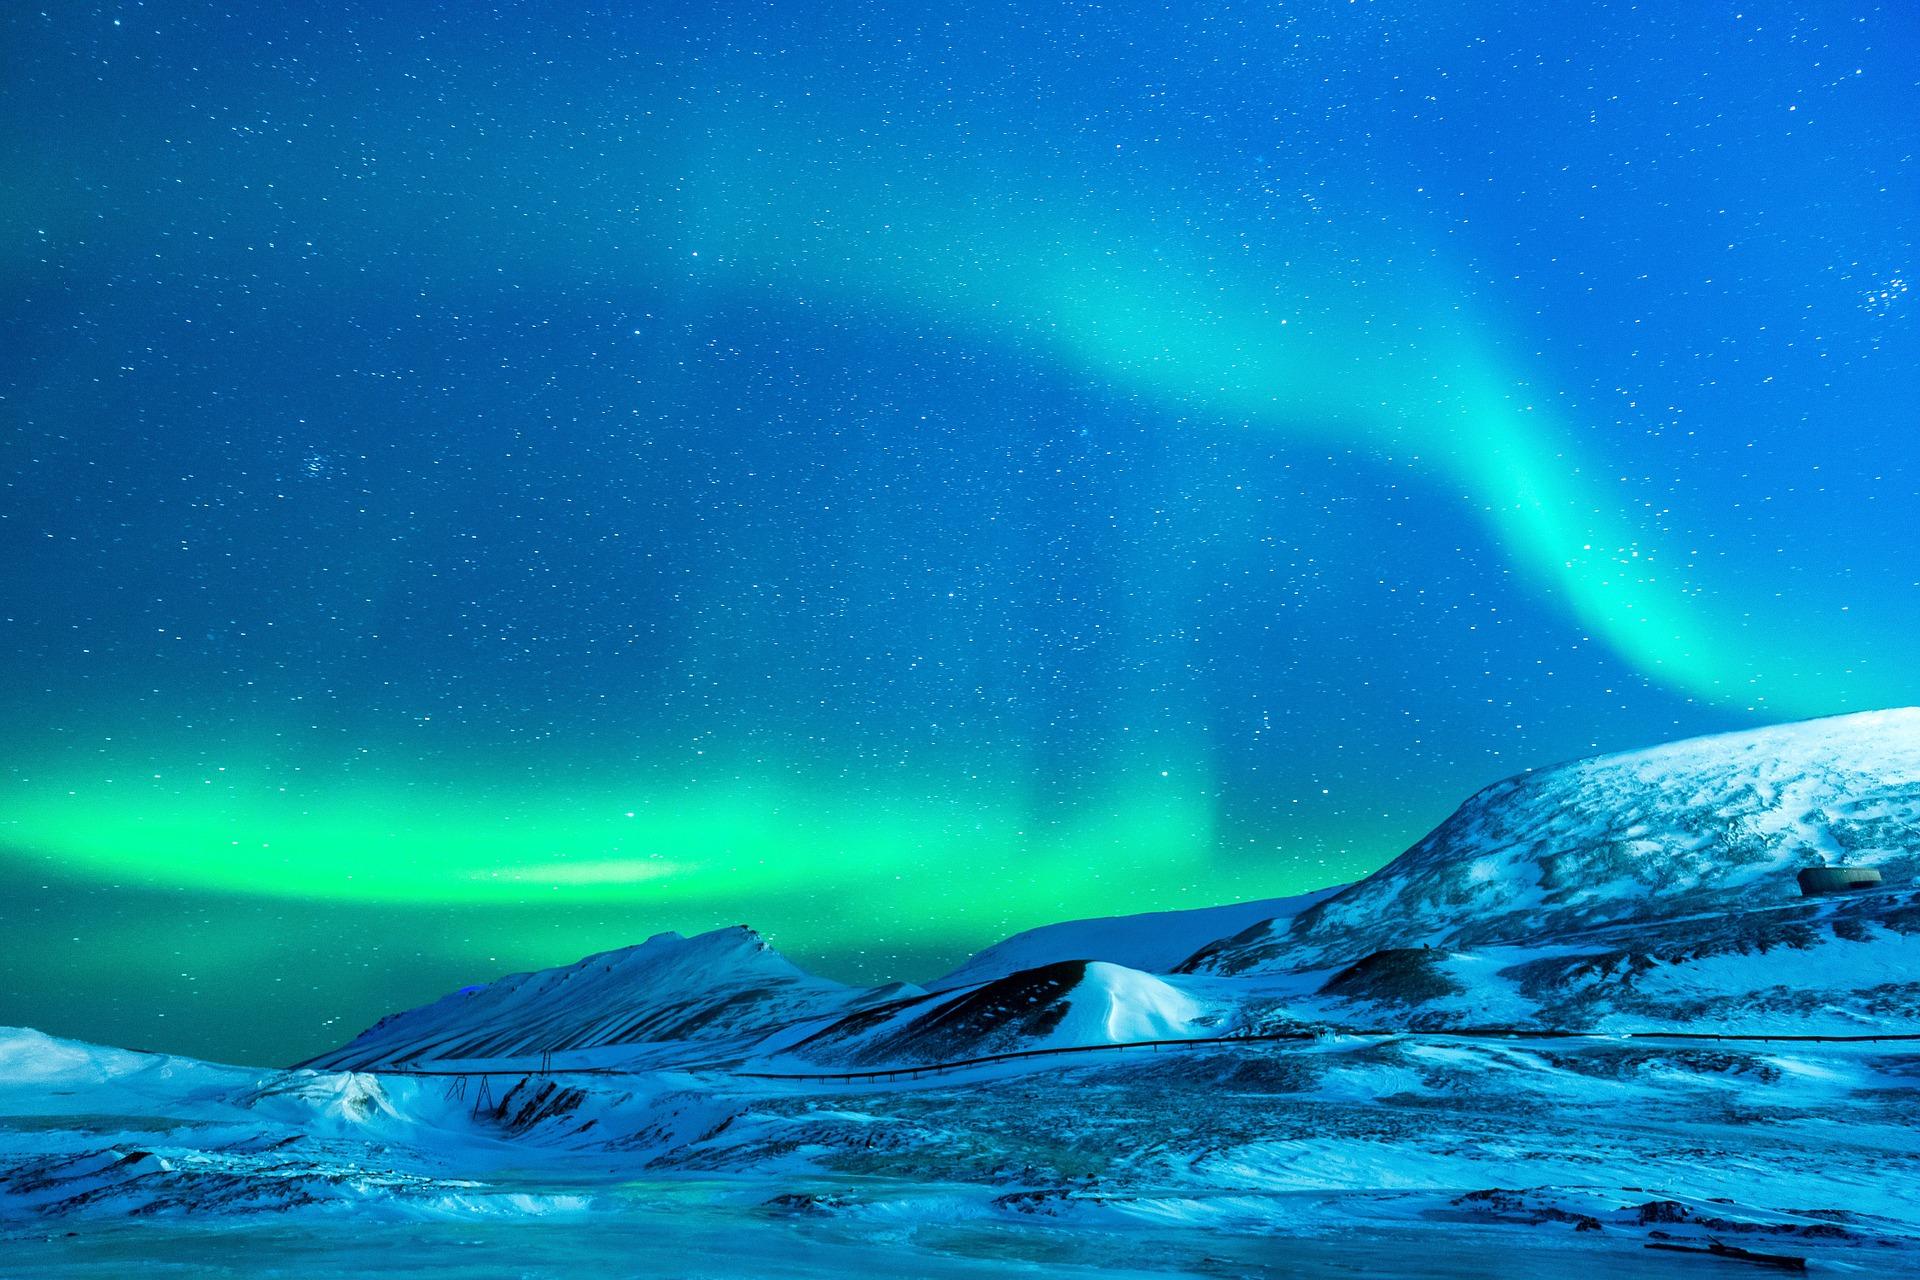 glacier-1190254_1920